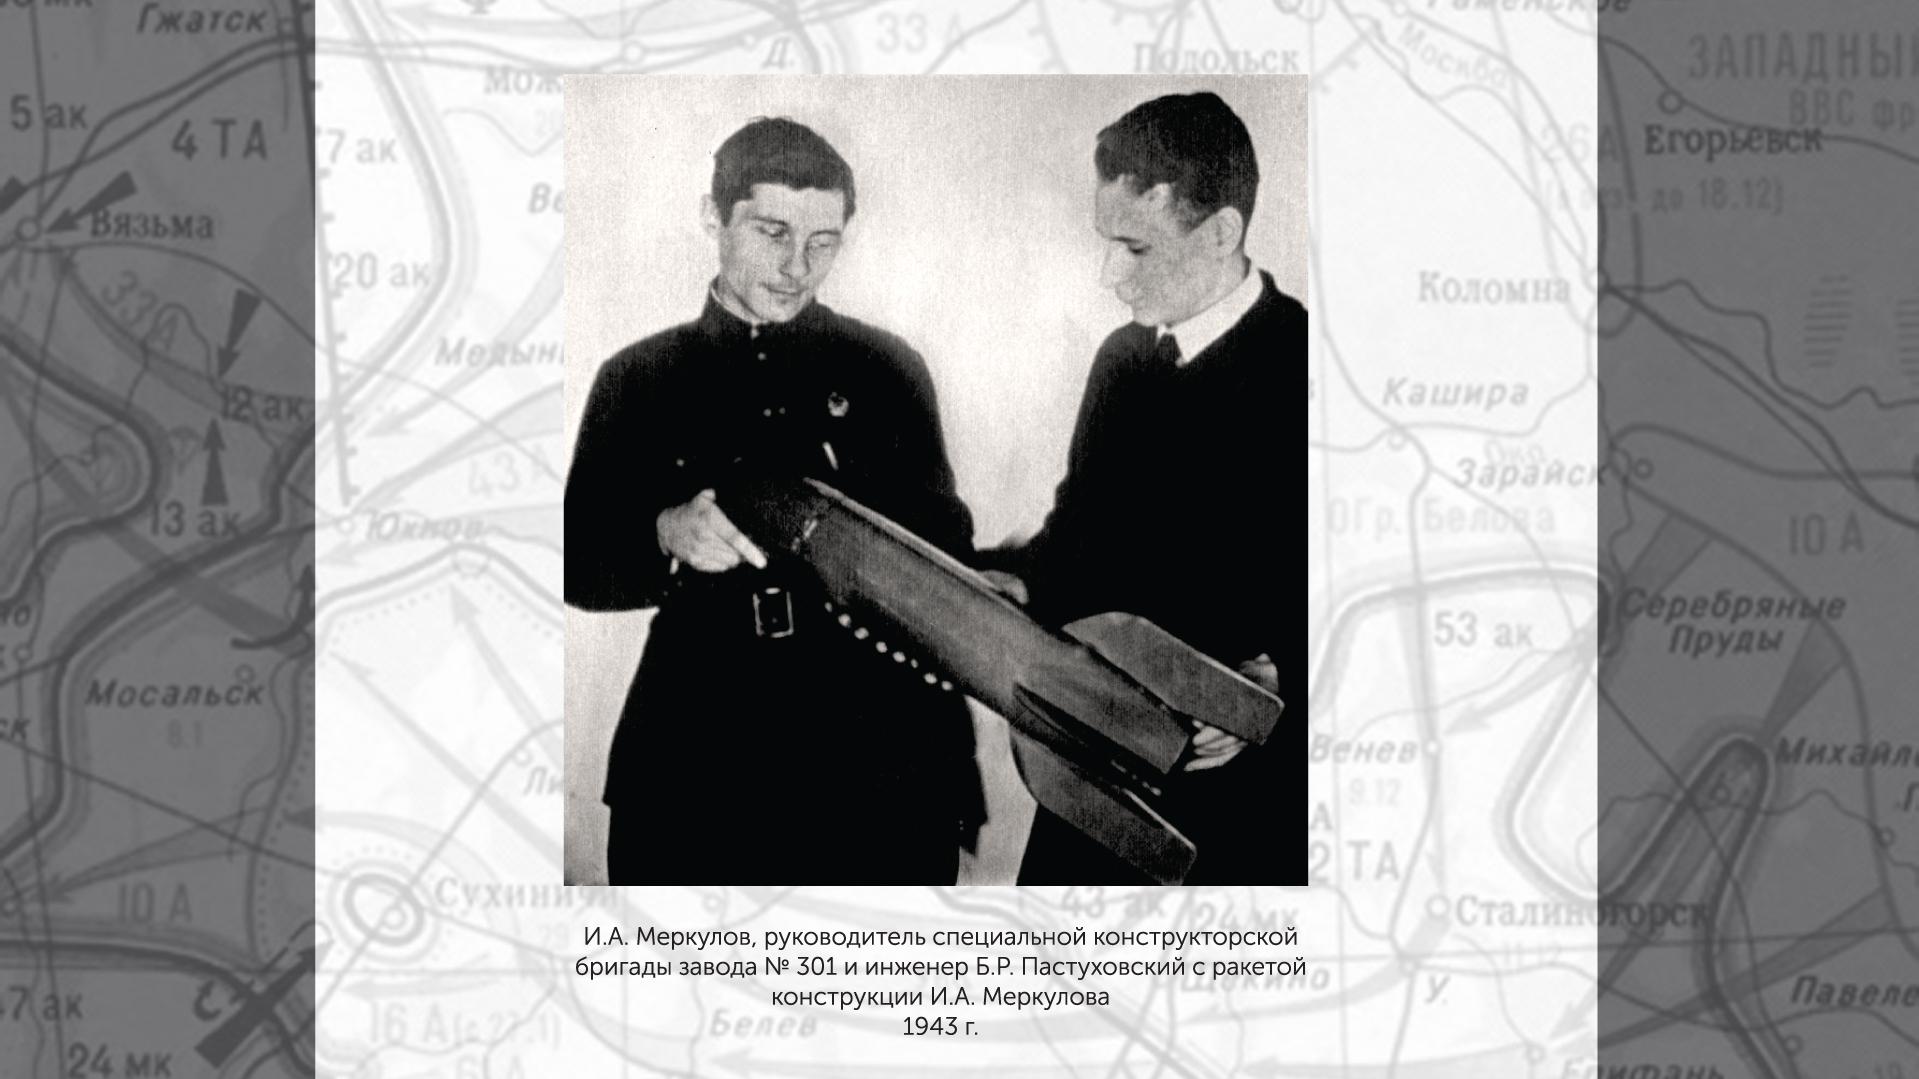 И.А. Меркулов и инженер Б.Р. Пастуховский с ракетой конструкции Меркулова